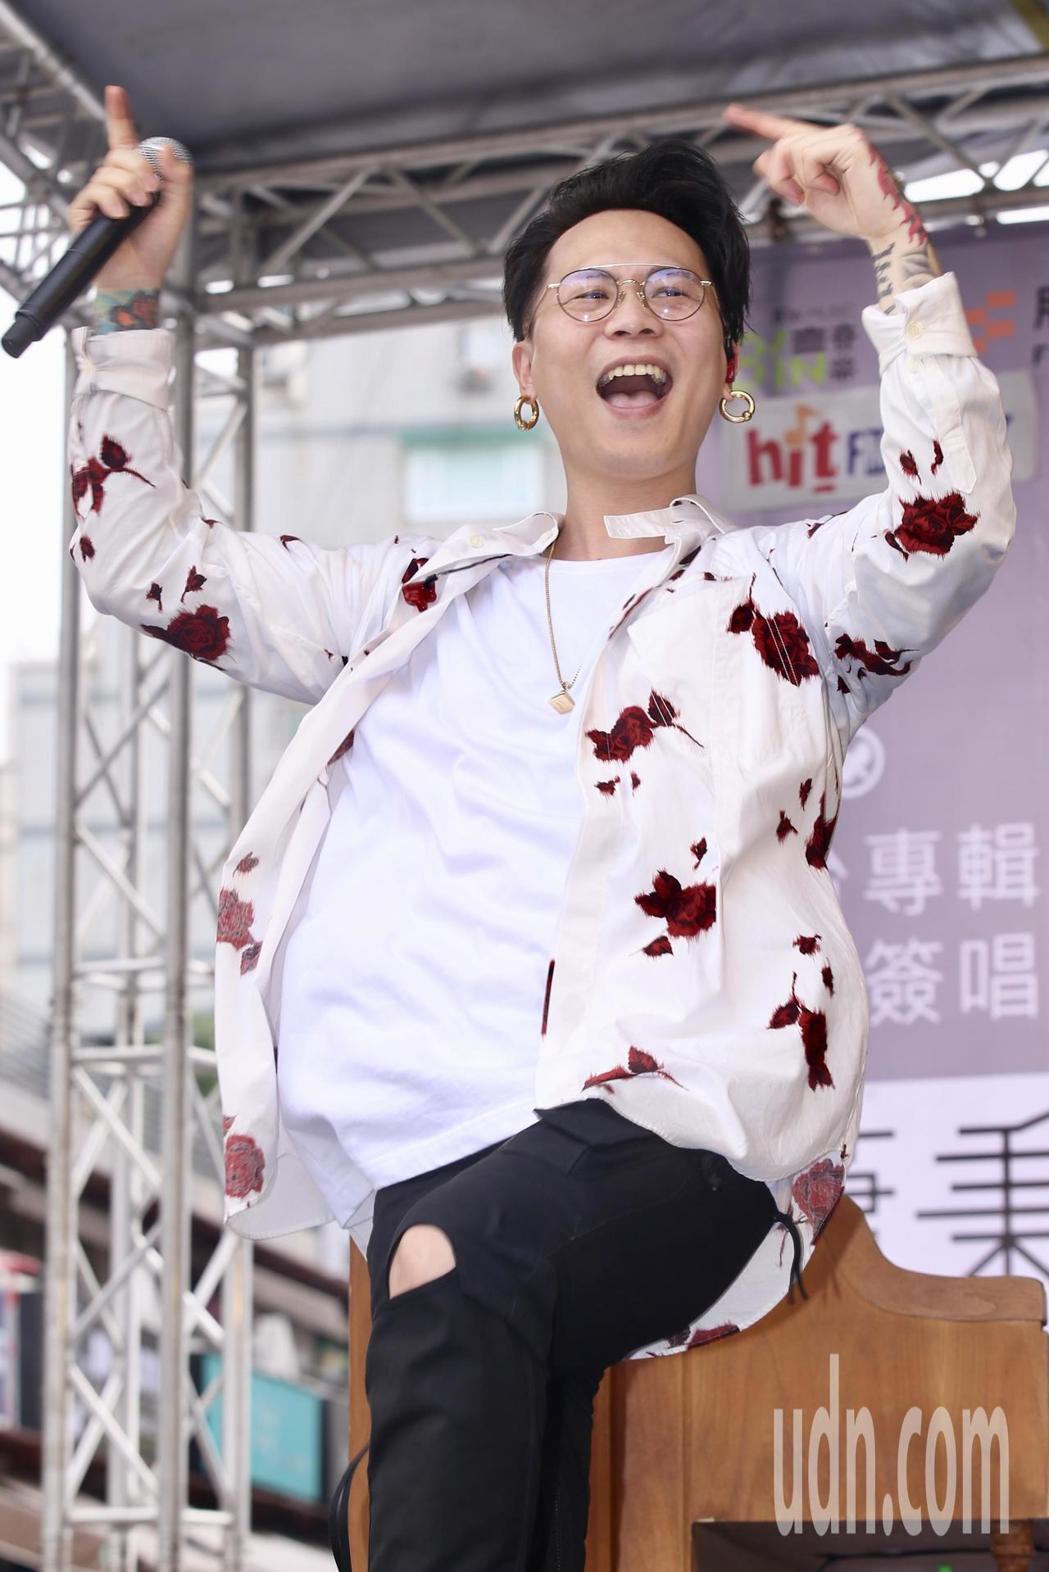 蕭秉治舉辦「凡人」簽唱會。記者林伯東/攝影